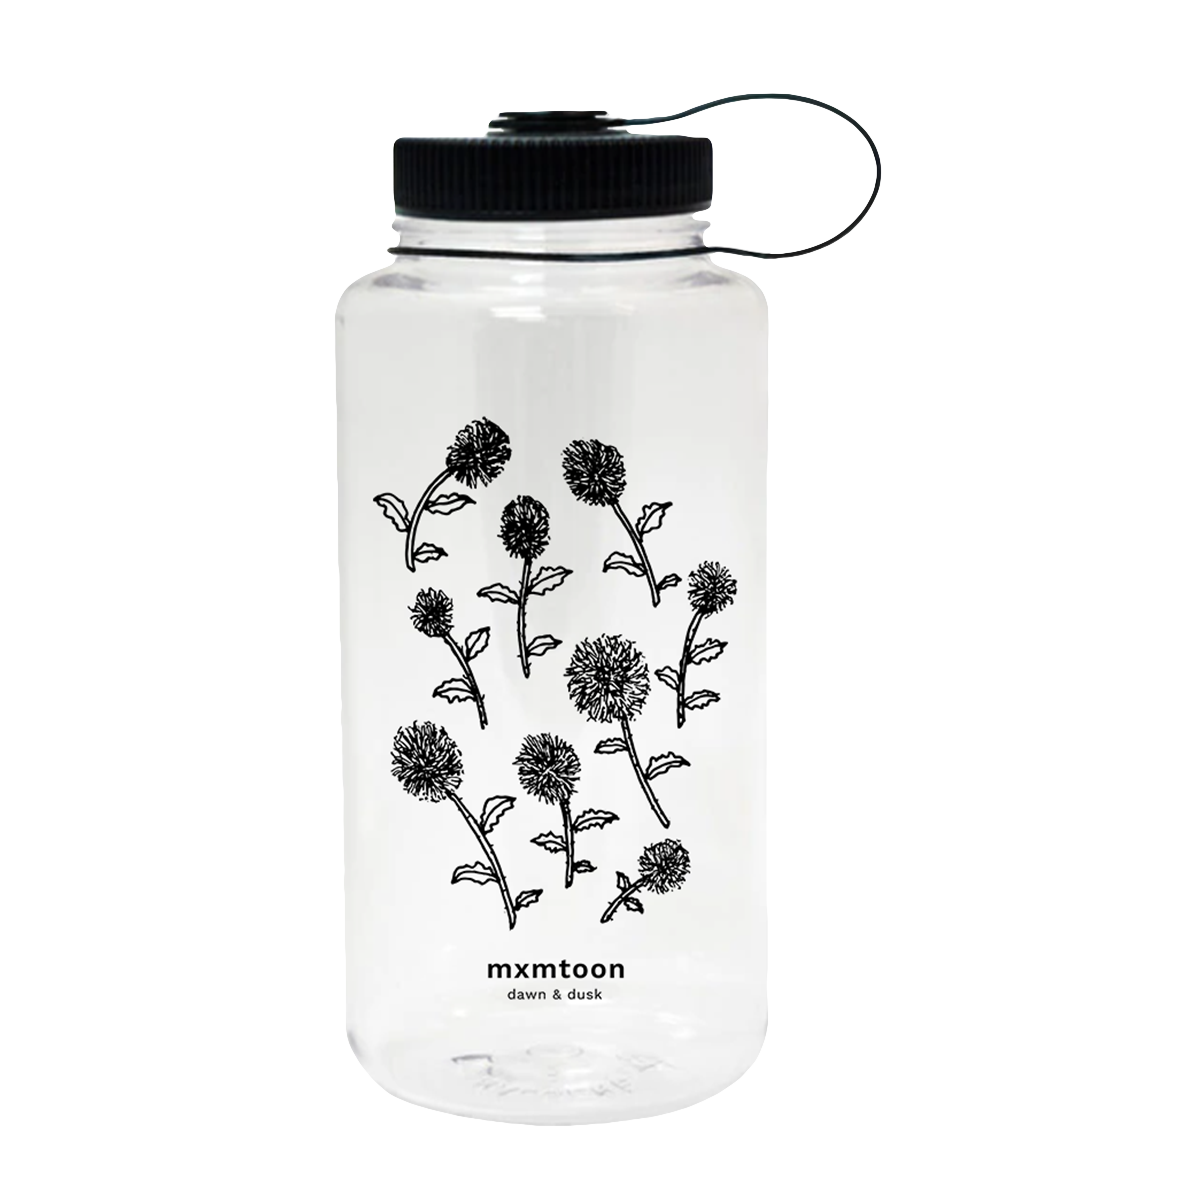 mxmtoon water bottle (nalgene)